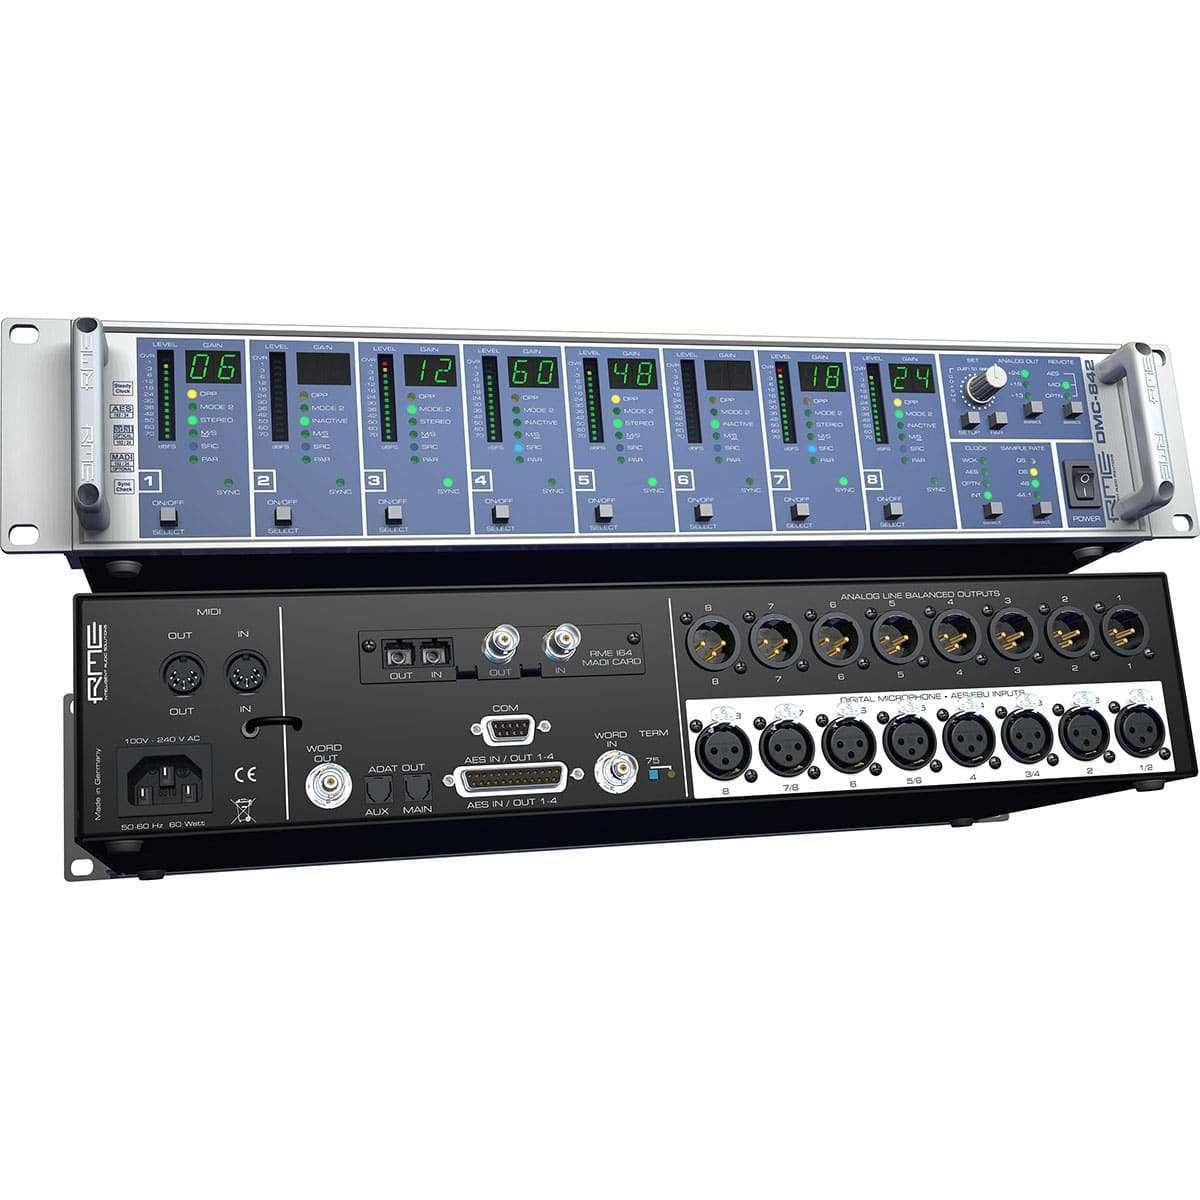 RME DMC 842 05 Convertitori Audio, Pro Audio, Outboard, Preamplificatori Microfonici, Audio Digitale